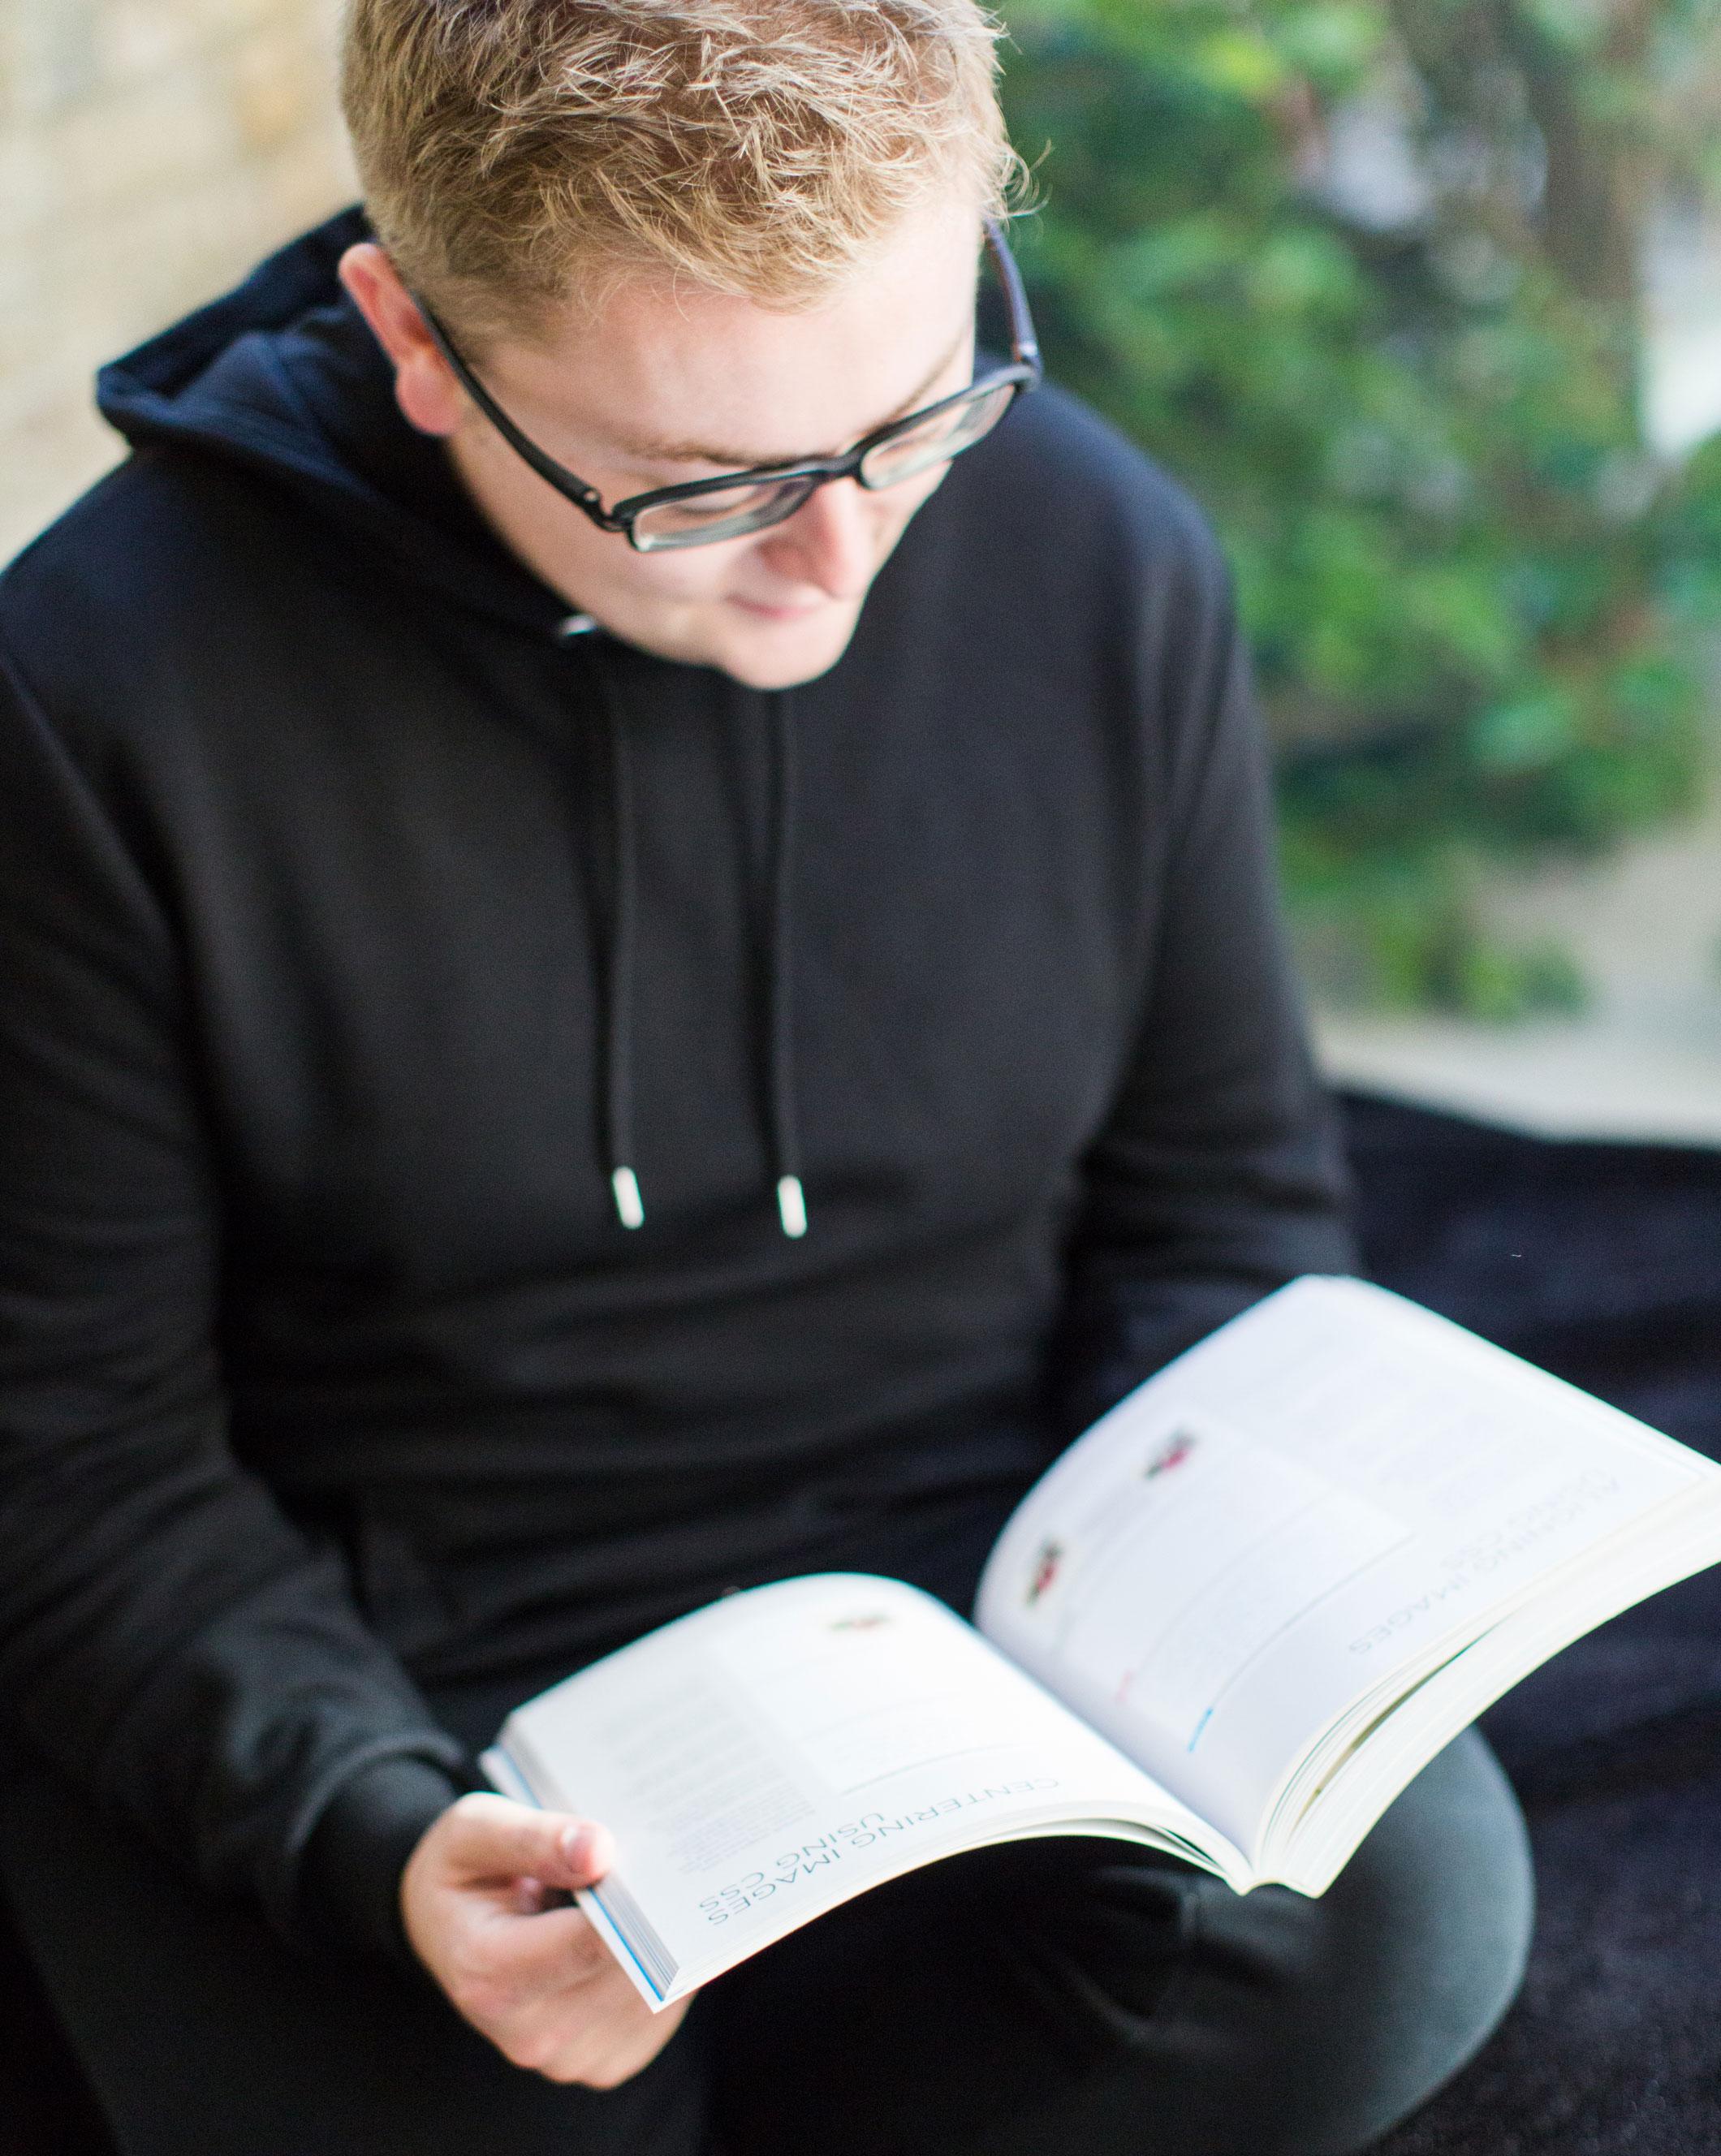 Jack Watkins sat in a window seat reading a book